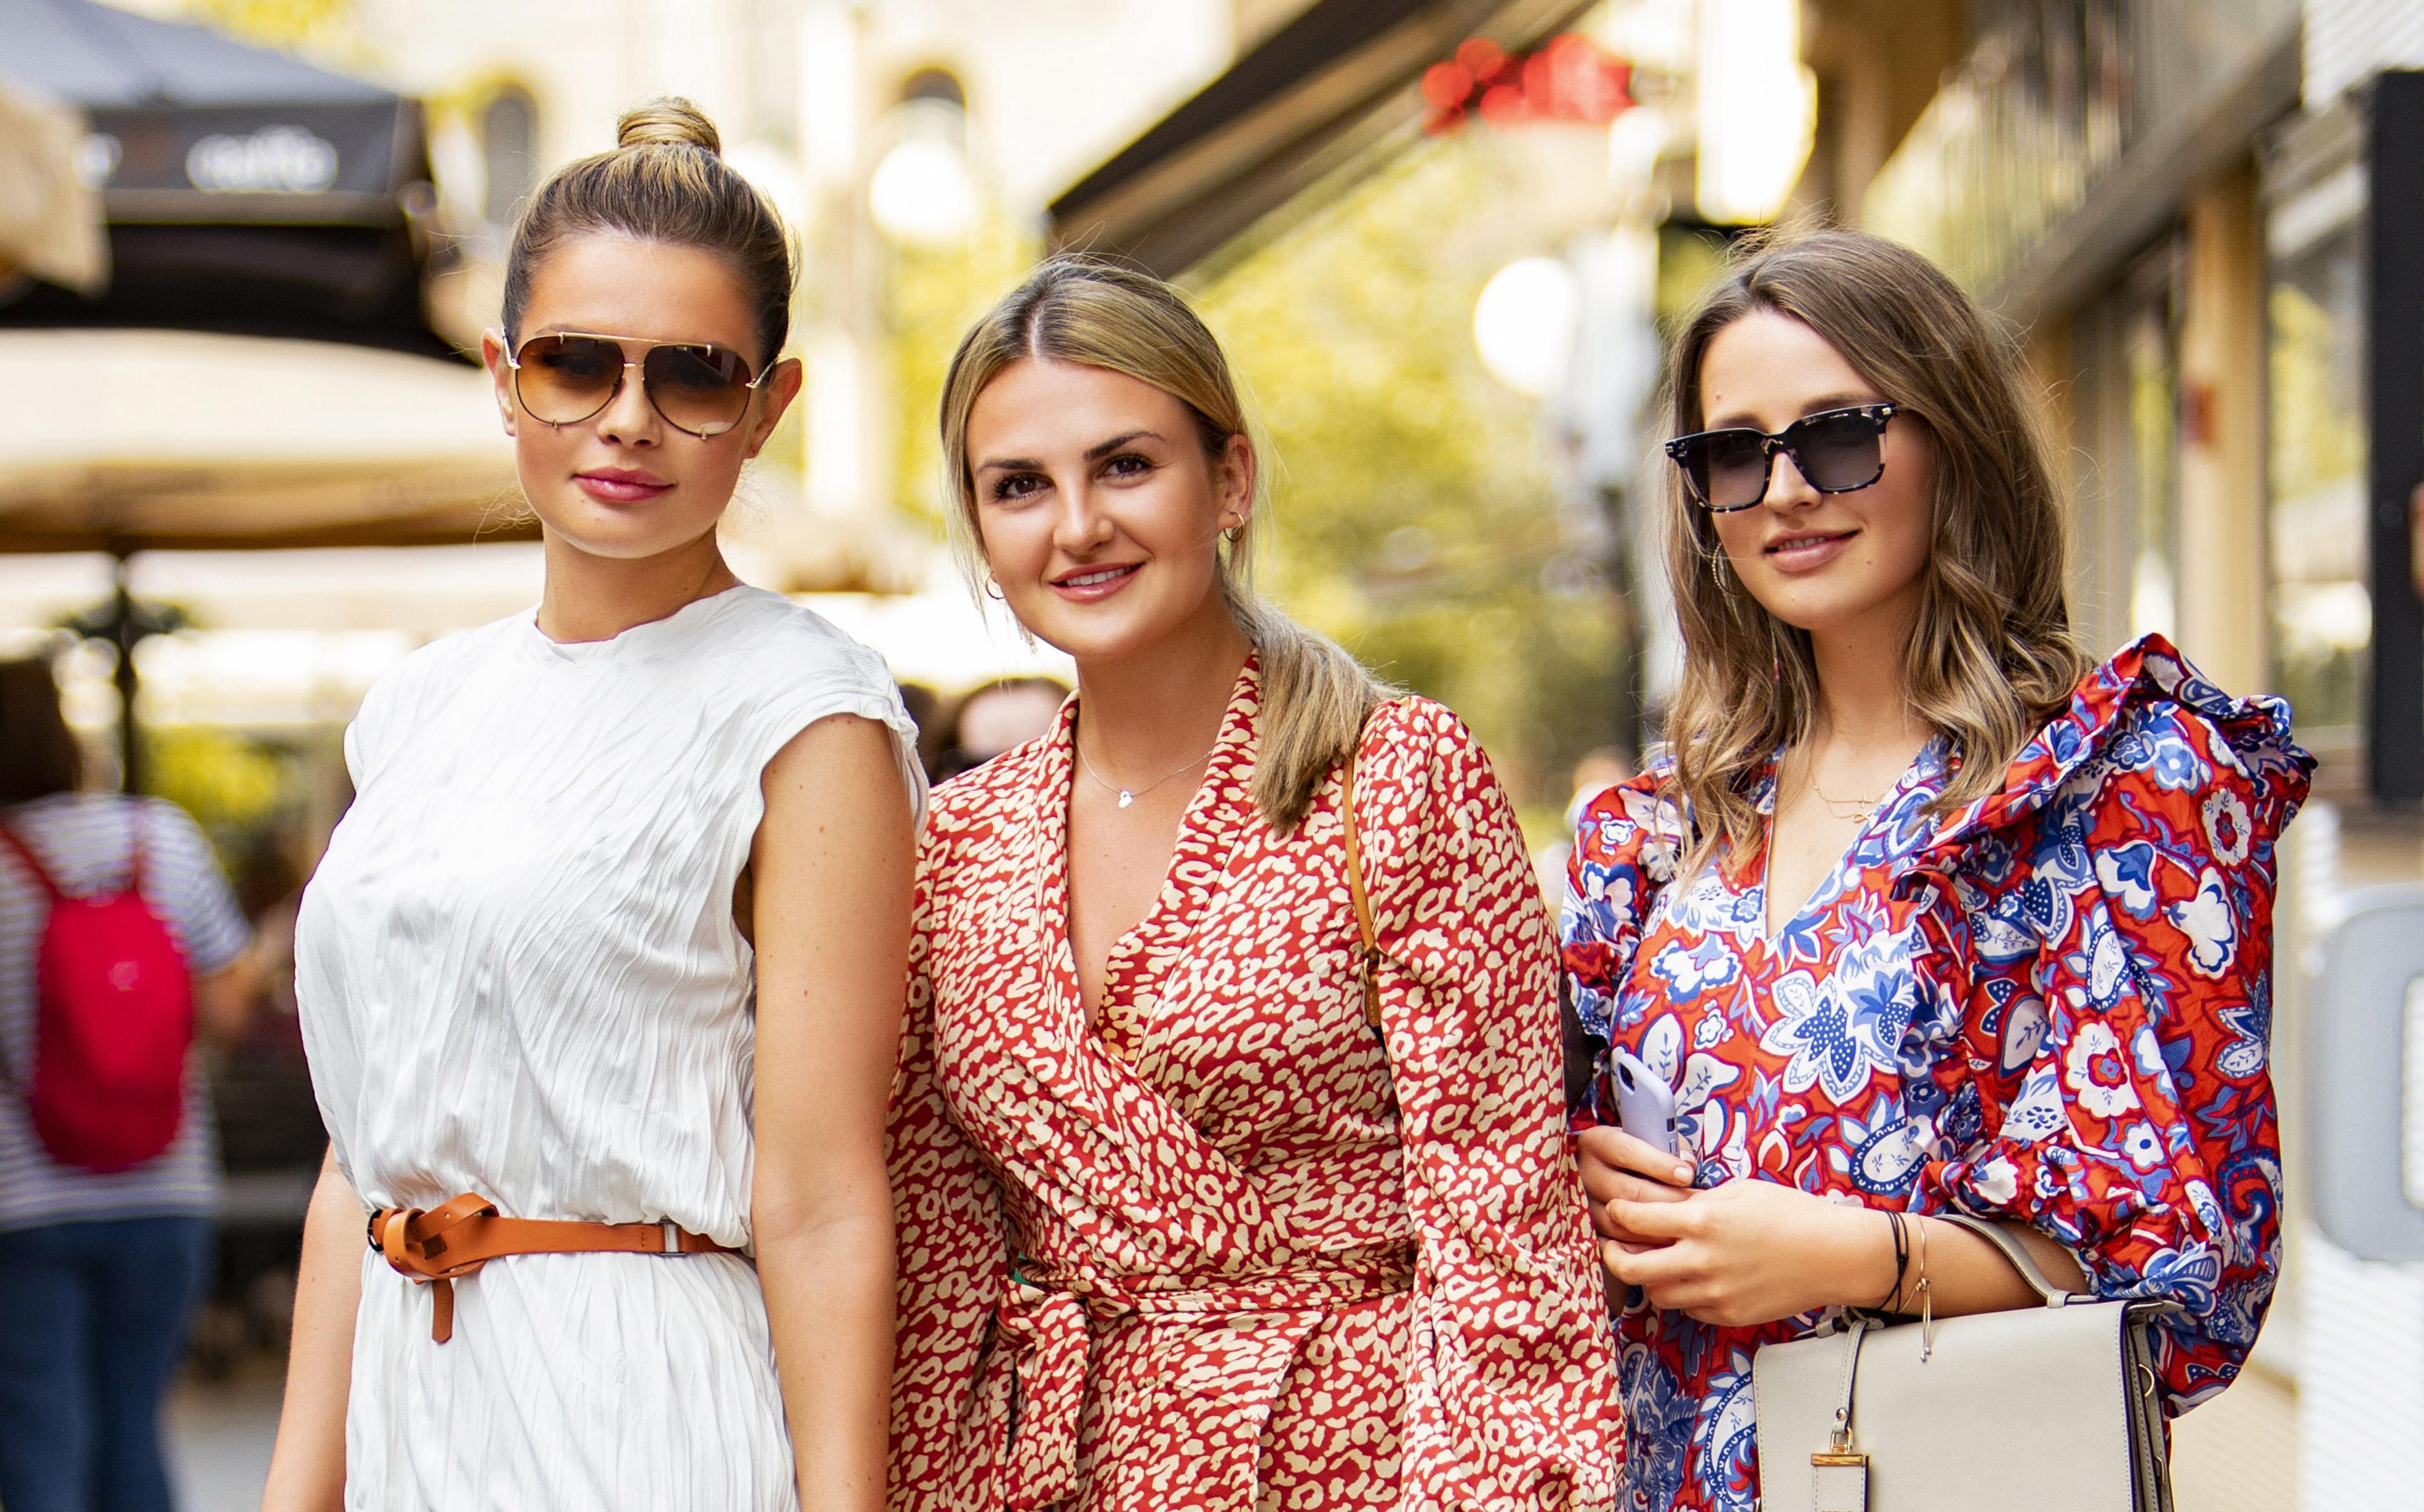 Lepršava haljina najbolji je odabir za vrući ljetni dan, a to znaju i tri frendice koje će vas osvojiti na prvu